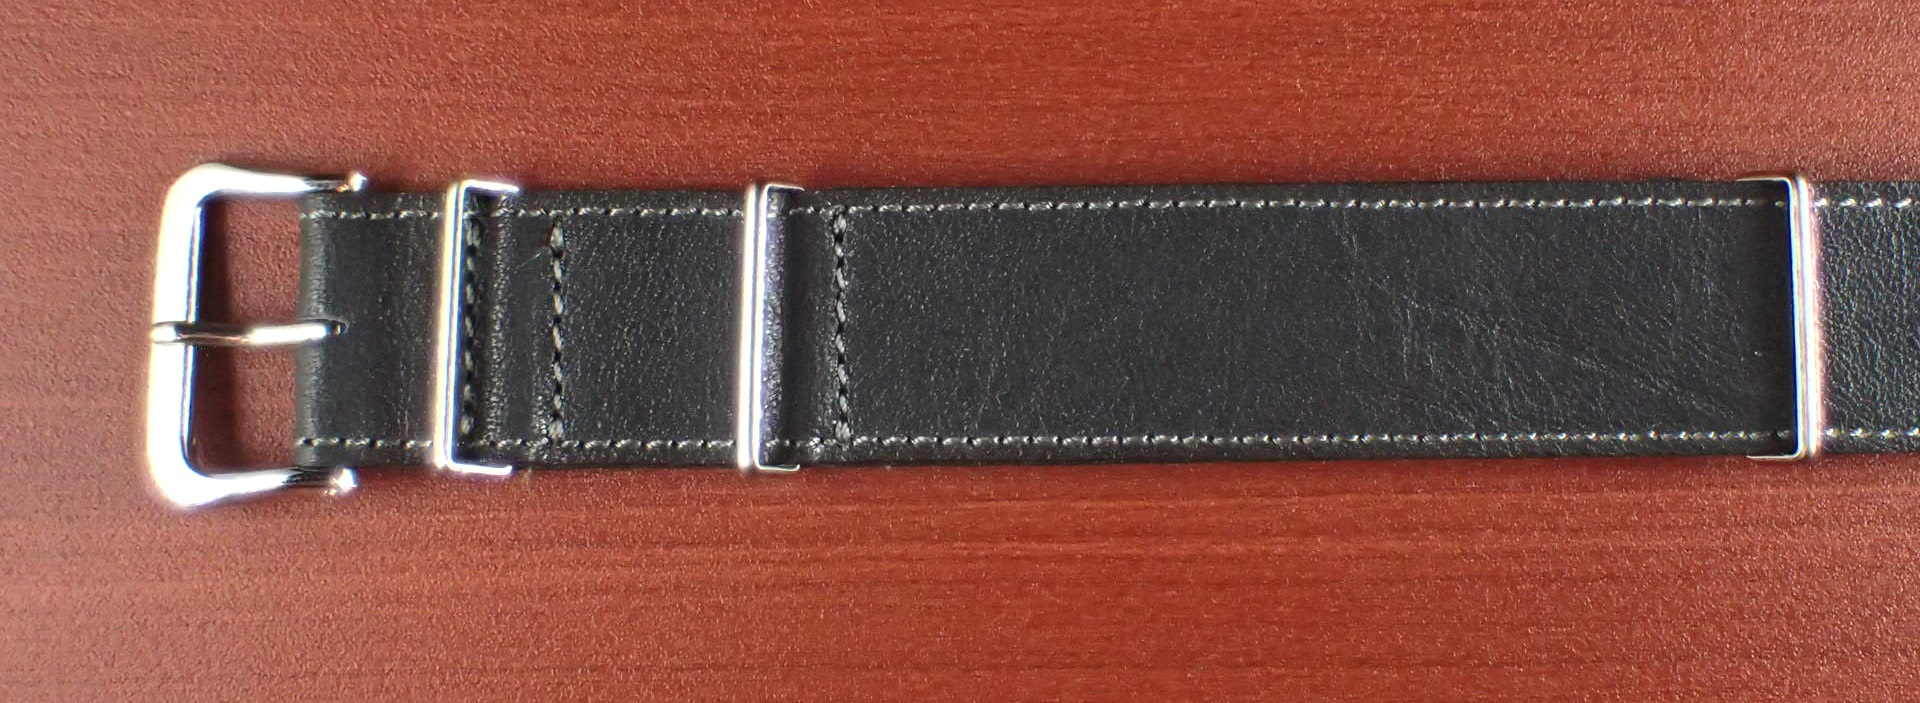 ヴィンテージレザー 牛革ベルト ブルーグレー NATO G10 20mm